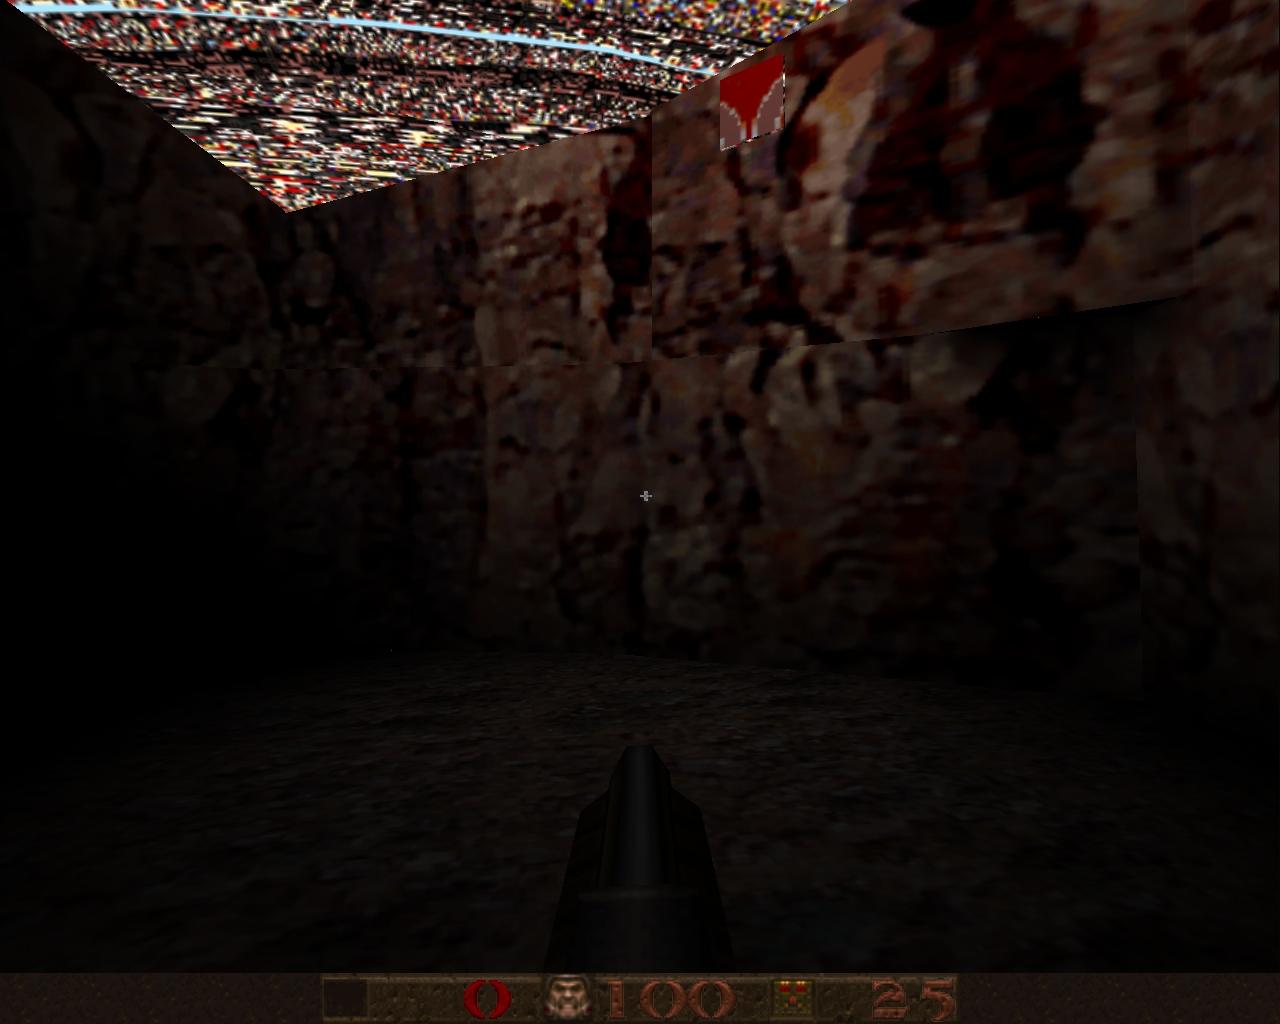 Карта из ХЛ в ГЛ-кваке - Quake